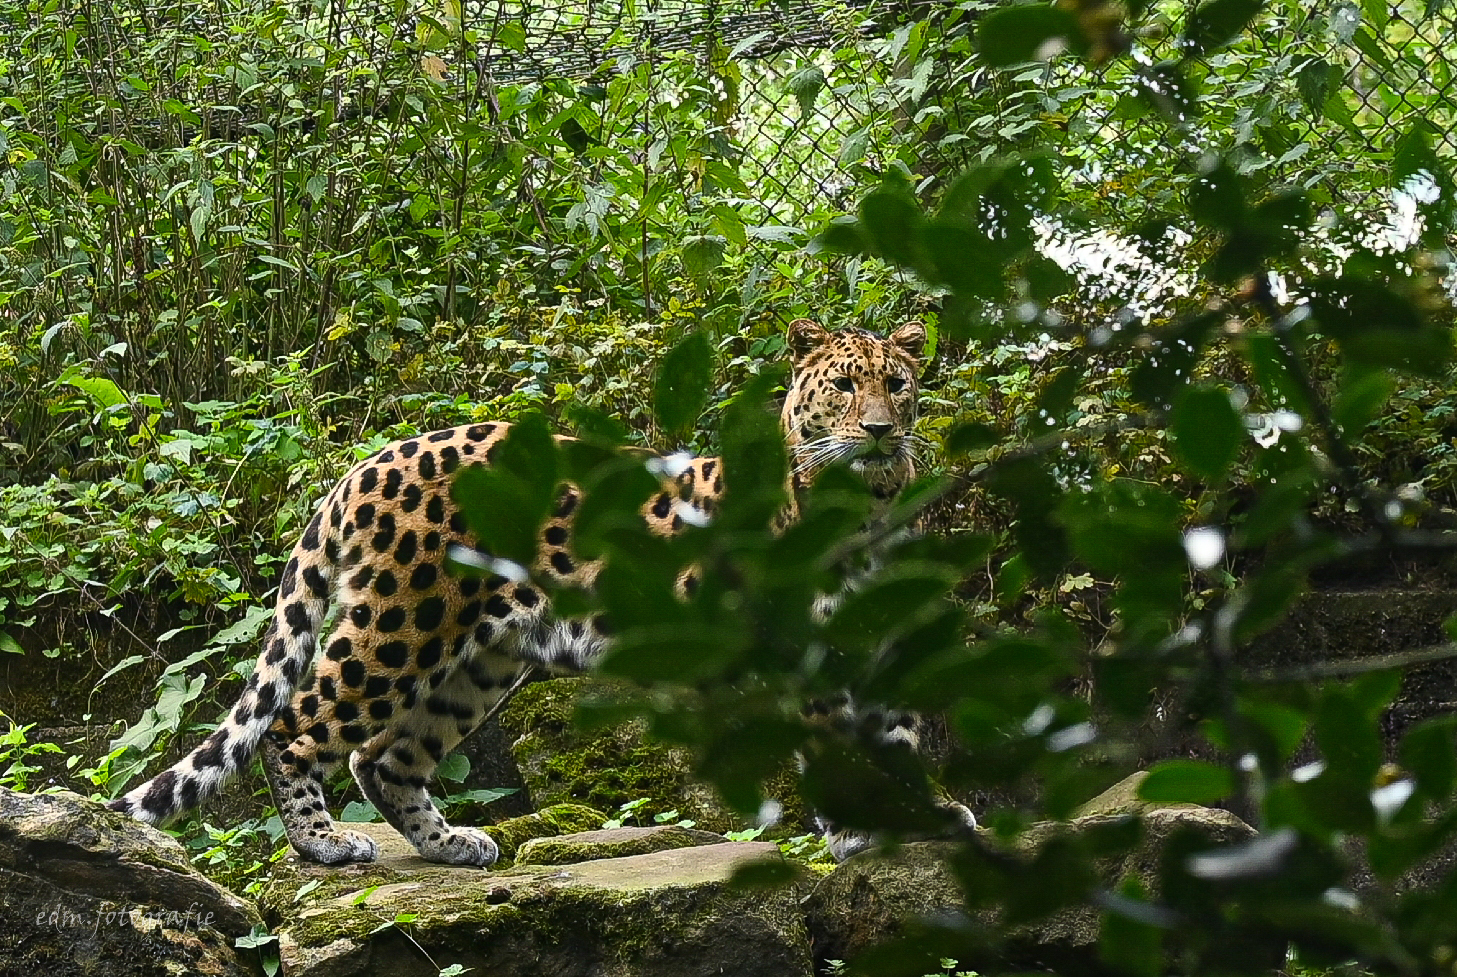 Luipaard - Deze foto is al een poosje geleden gemaakt, ik had net mijn nieuwe Nikon Z6 en weinig ervaring met fotograferen.  - foto door erna.dijkstra330 op 13-04-2021 - locatie: Blijdorp, Rotterdam, Nederland - deze foto bevat: afrikaanse luipaard, felidae, carnivoor, kleine tot middelgrote katten, luipaard, terrestrische plant, jachtluipaard, organisme, grote katten, bakkebaarden